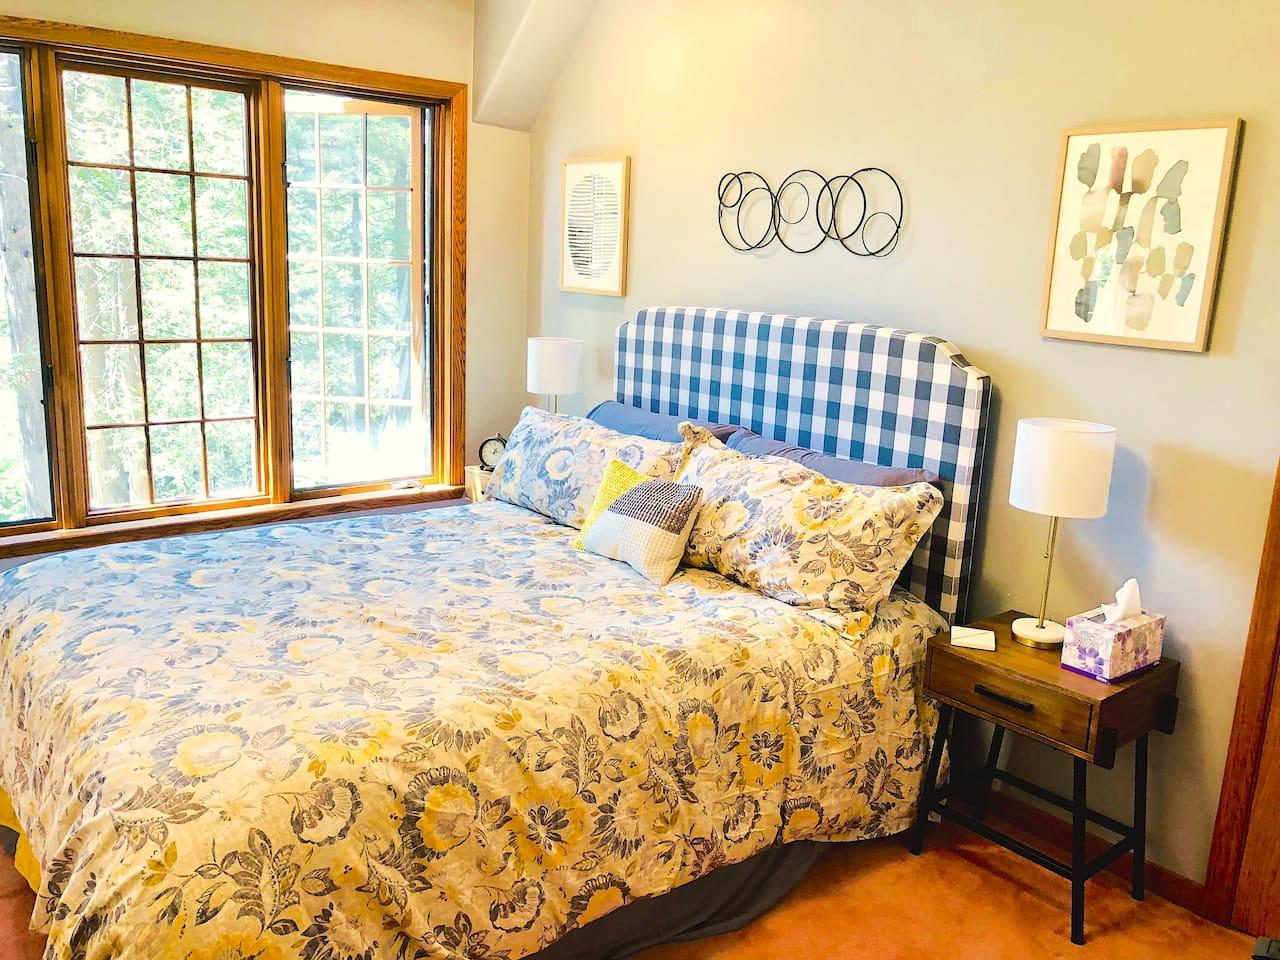 Ergo Luxe and quiet delightful room.